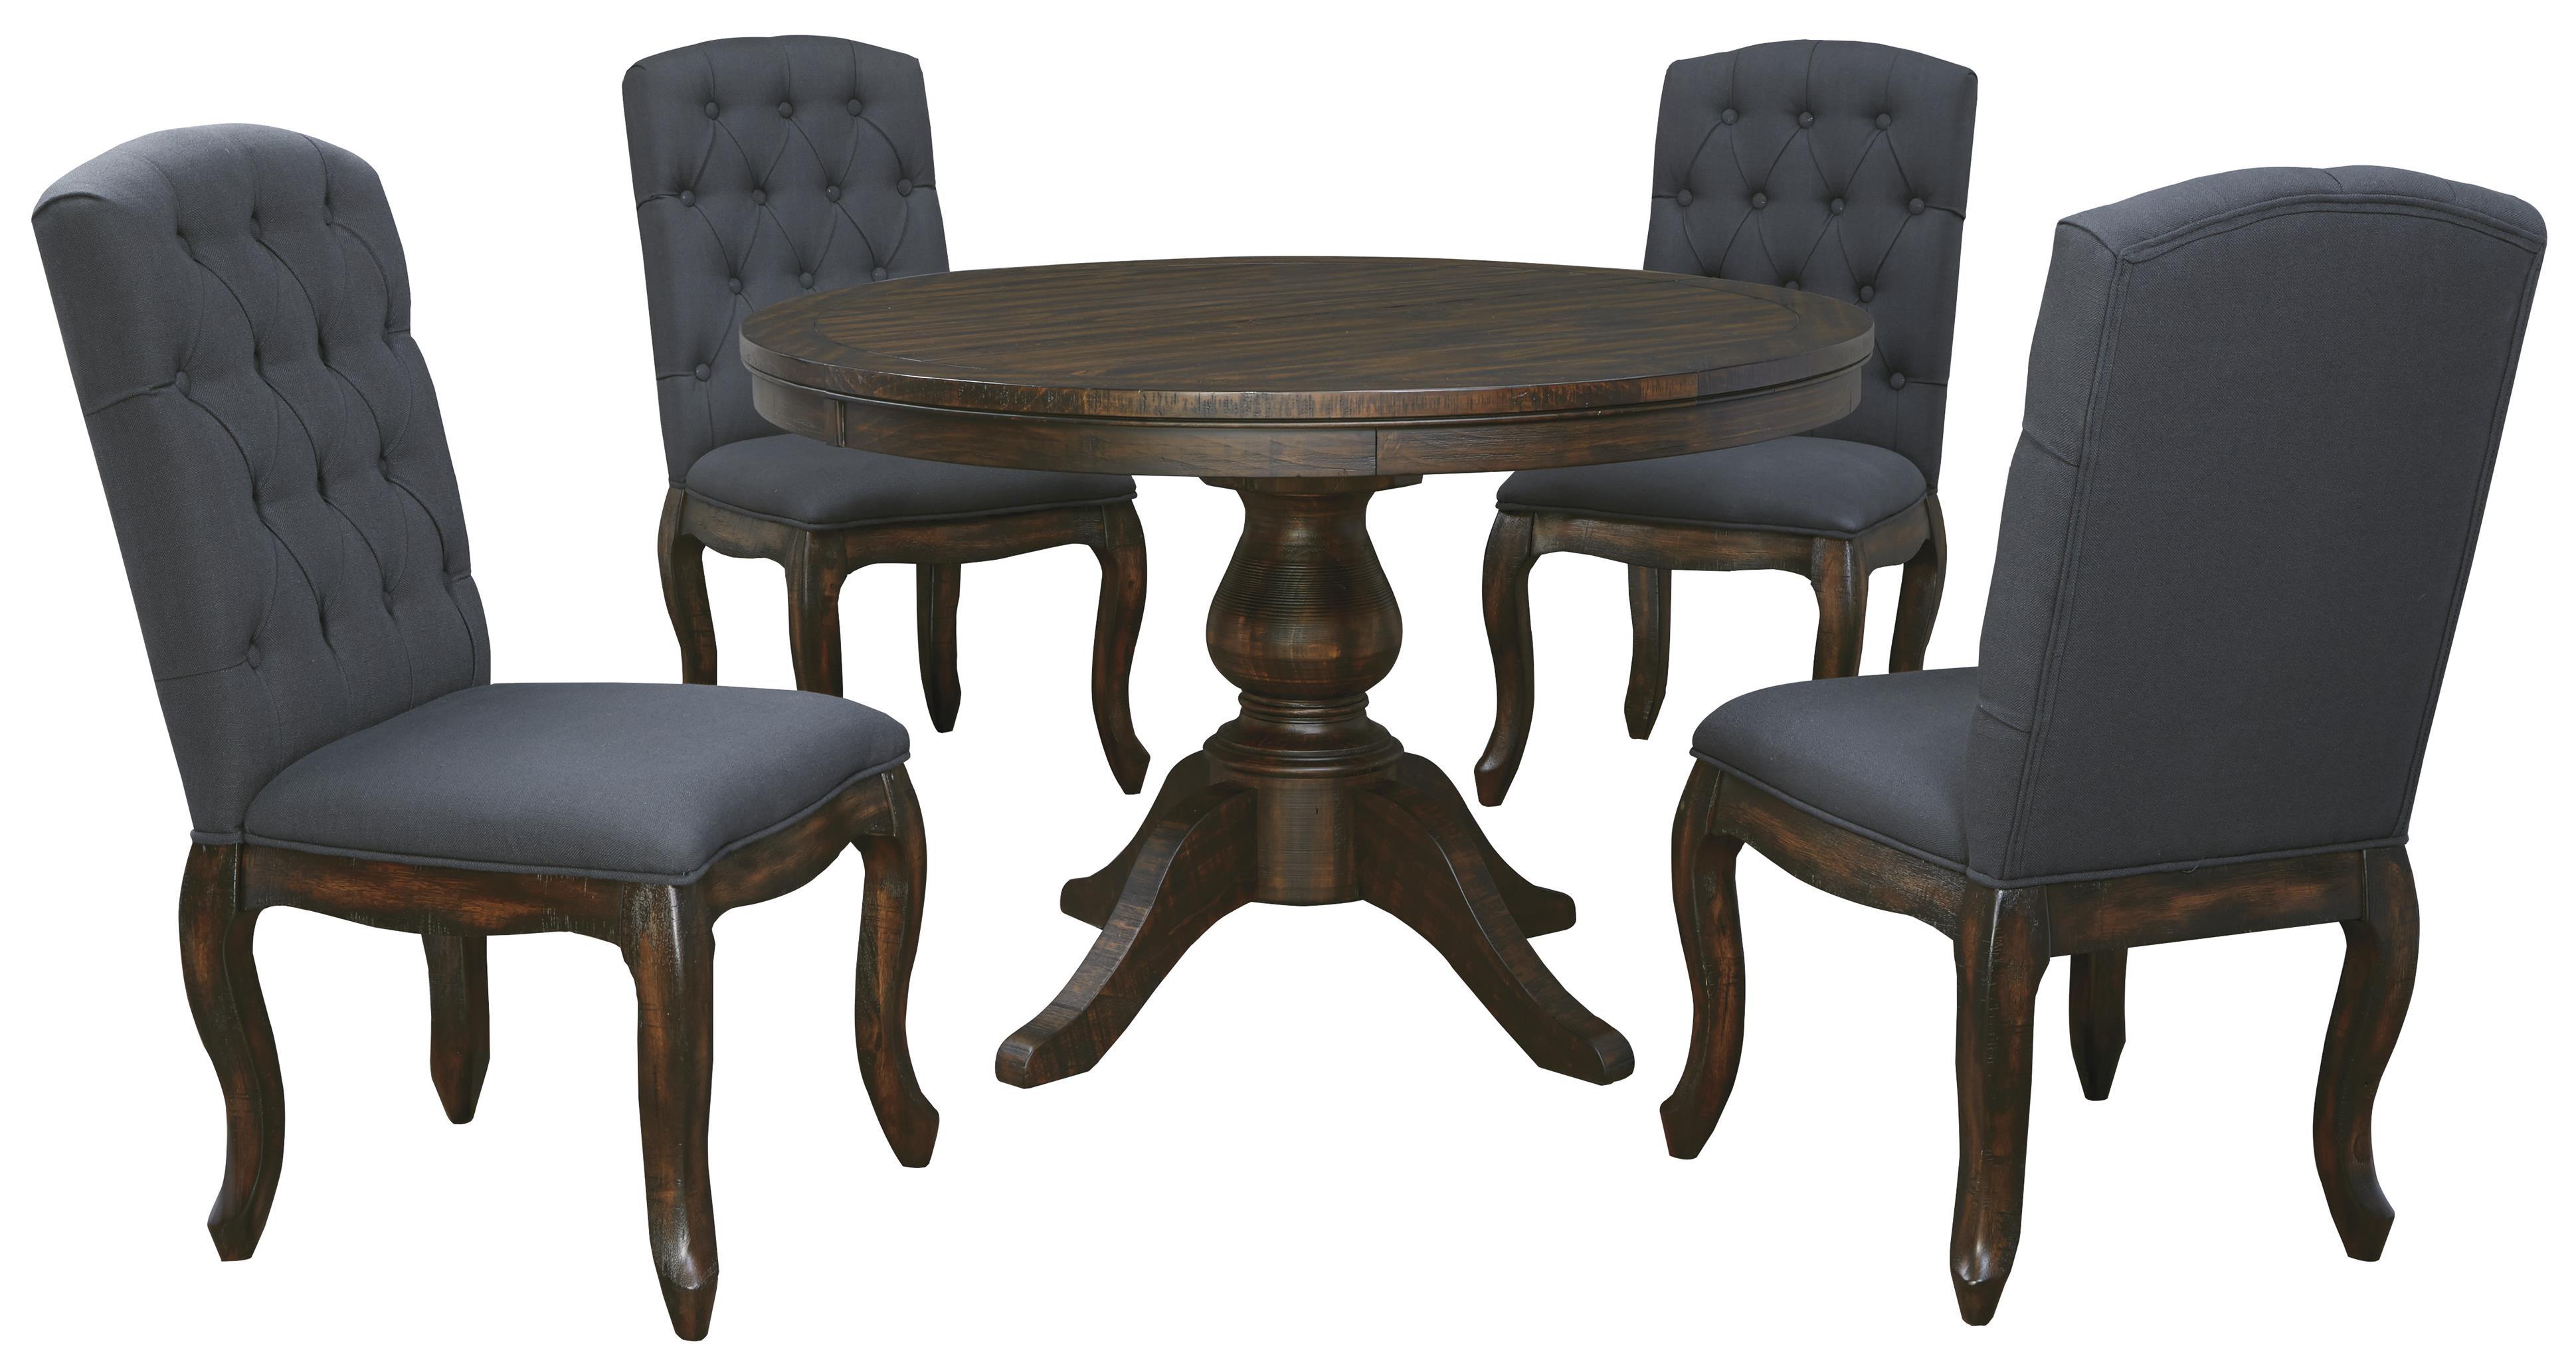 Ashley signature design trudell 5 piece round dining table for Ashley furniture dining table